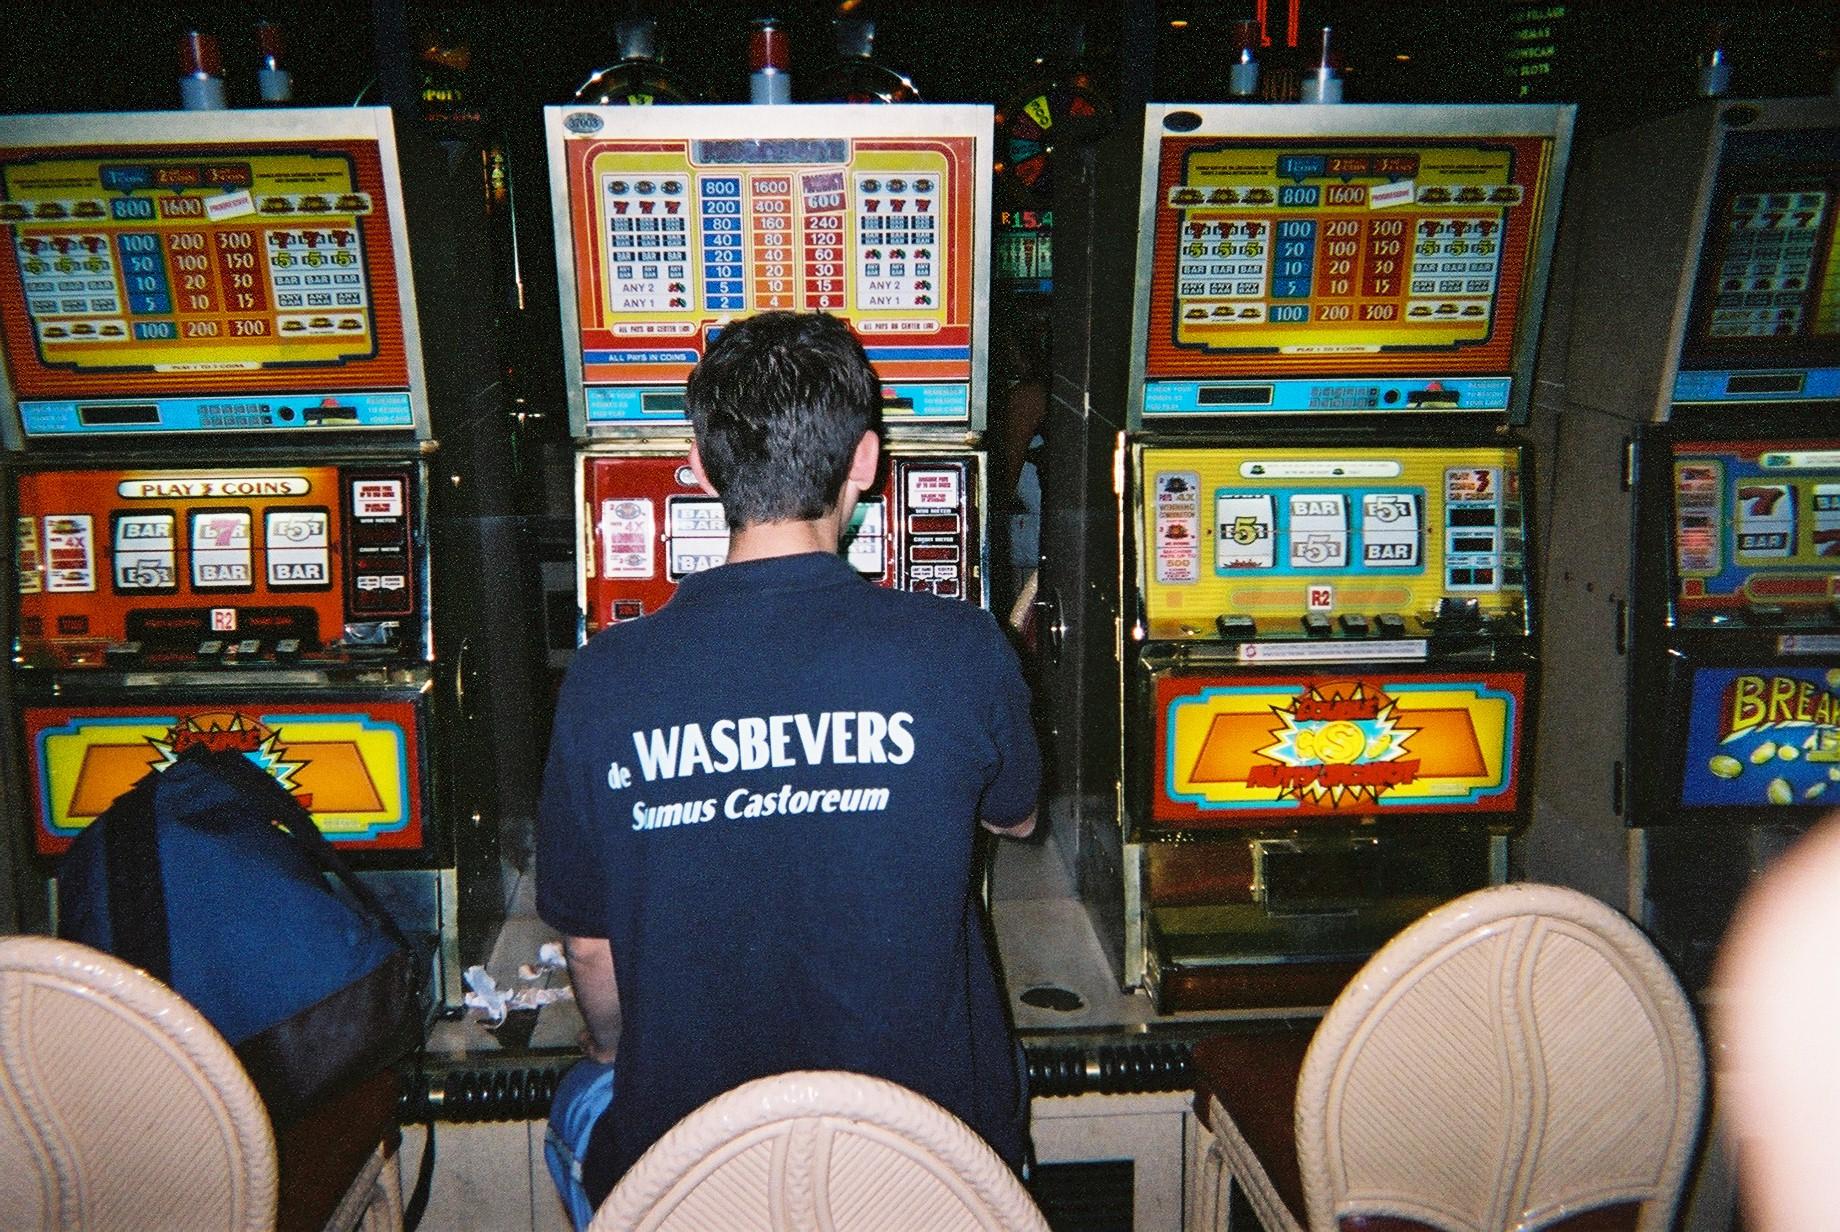 wasbever_casino.jpg